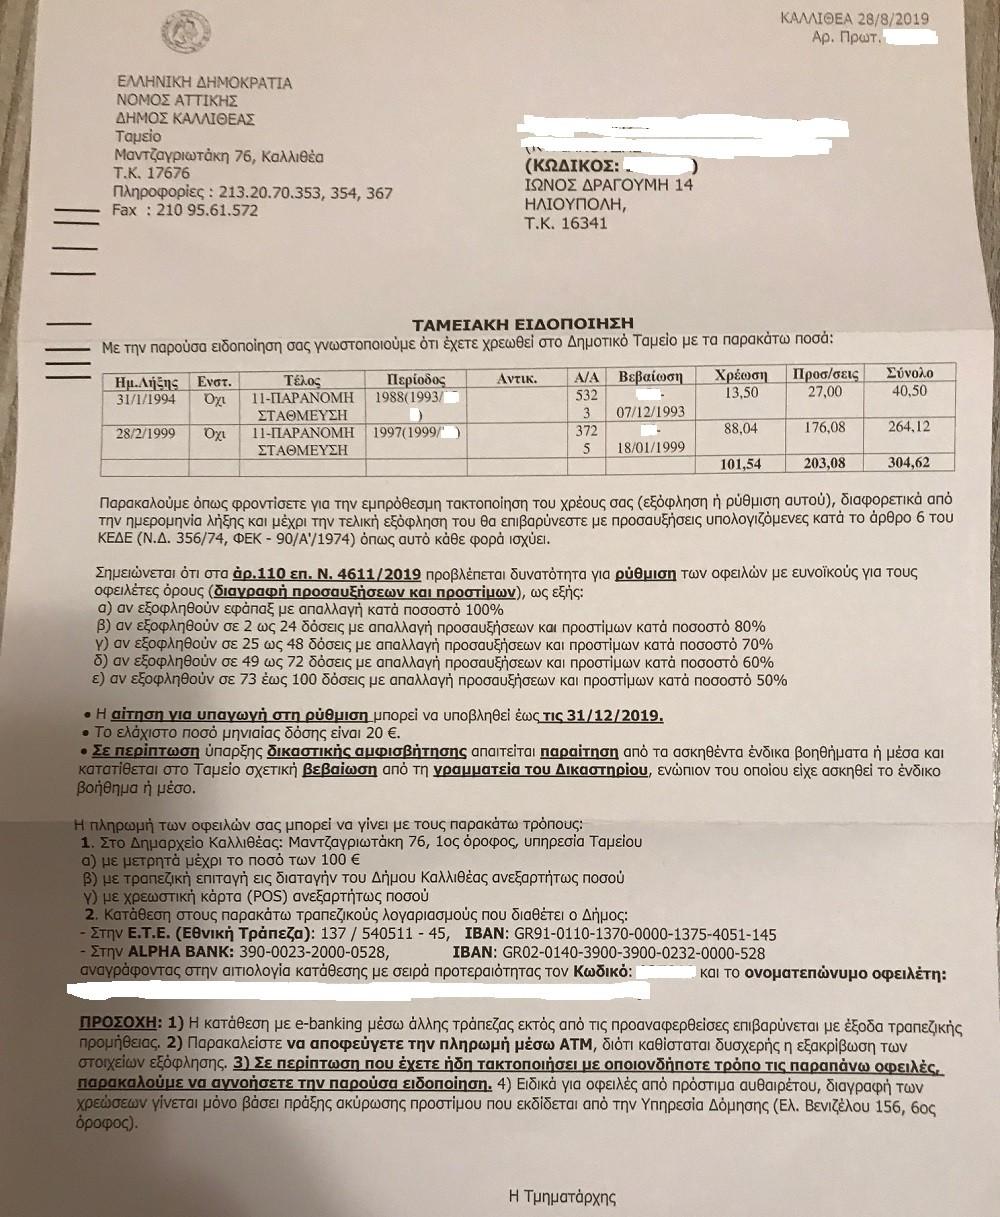 Δήμοι στέλνουν «μπιλιετάκια» για παραβάσεις του ΚΟΚ μετά από 31 χρόνια! - Φωτογραφία 2